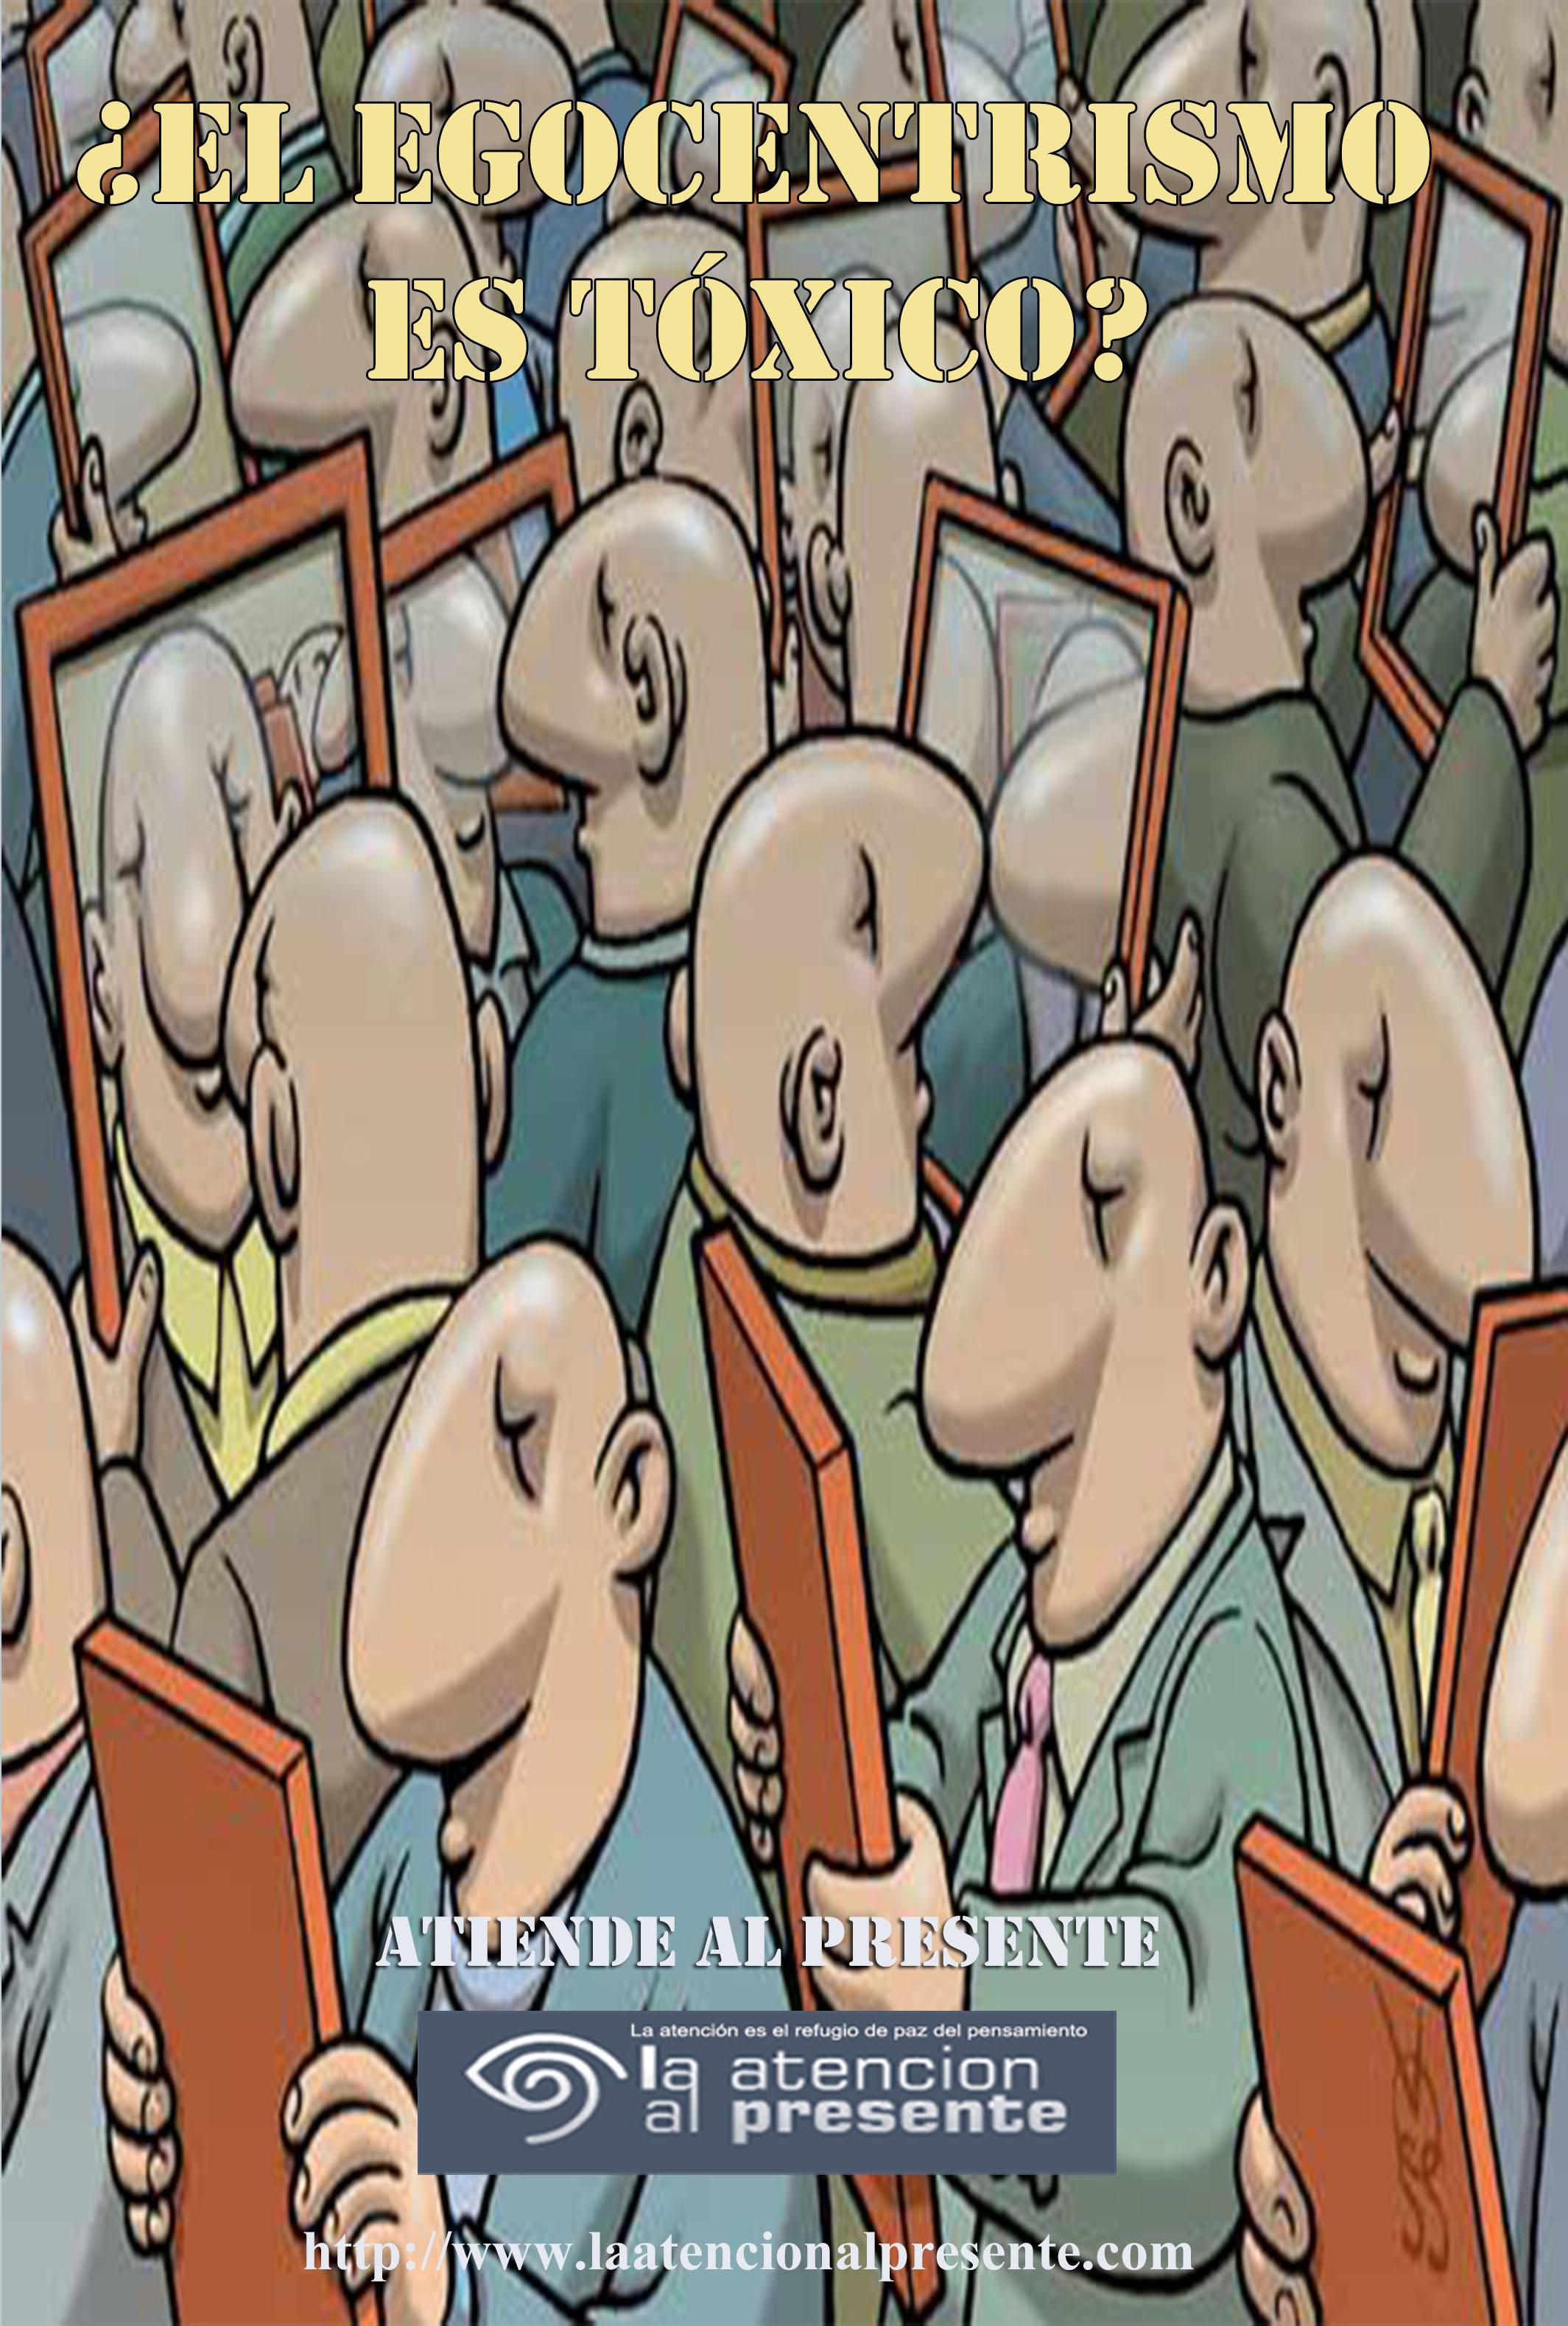 14 de setiembre Pepe El egocentrismo es